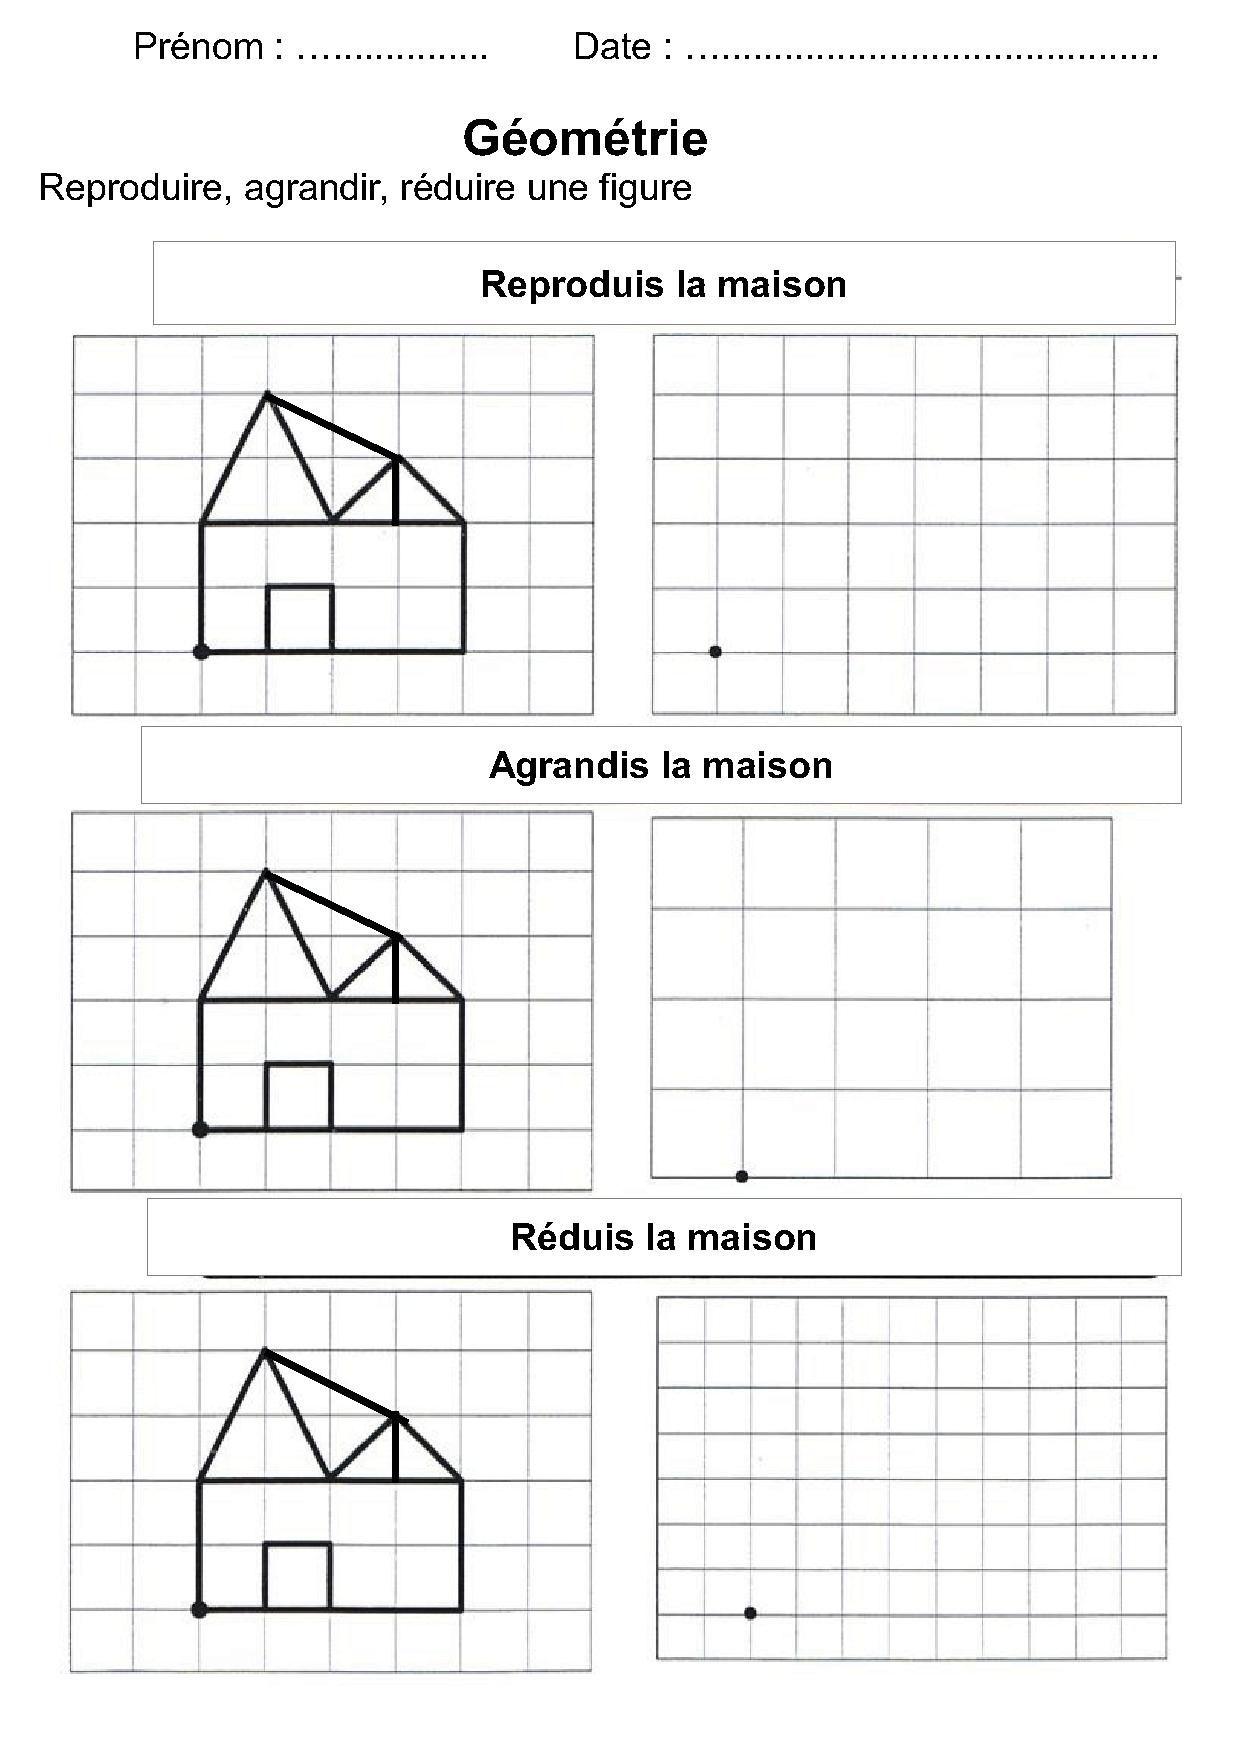 Géométrie Ce1,ce2,la Symétrie,reproduire Une Figure concernant Exercice Symétrie Ce1